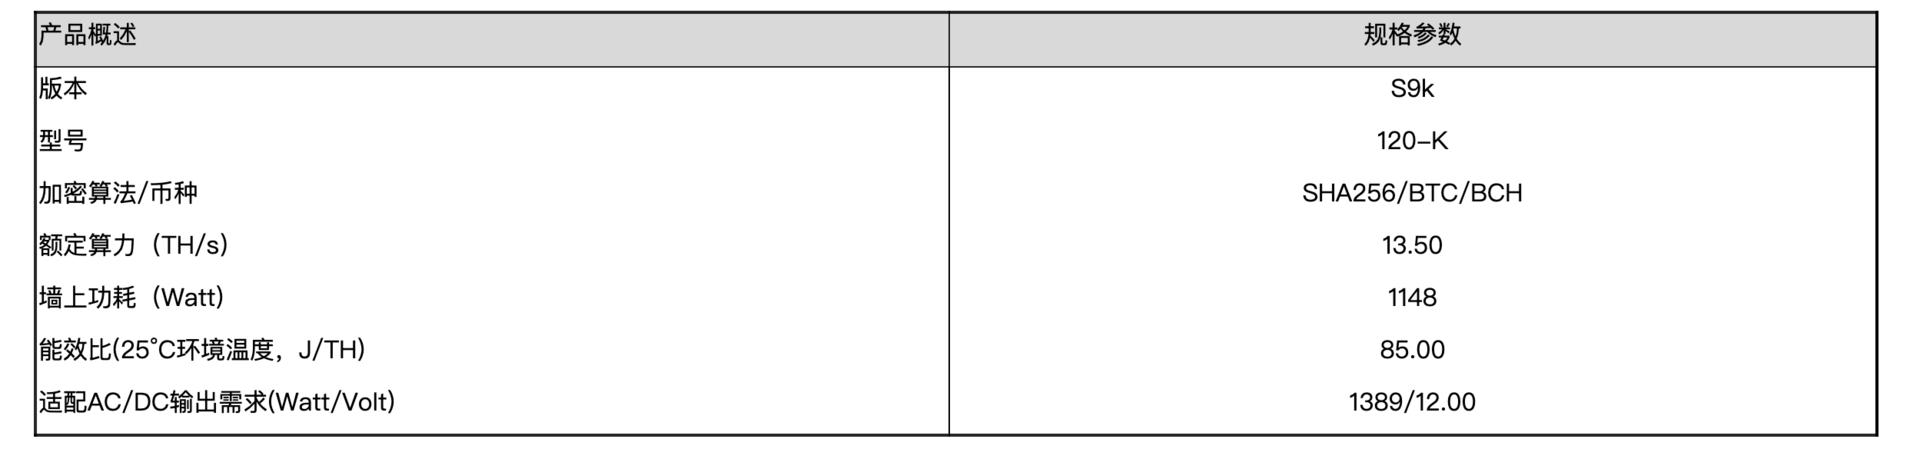 比特币和以太坊的 Defi 双重奏 白露矿业报告 (20.07.06)